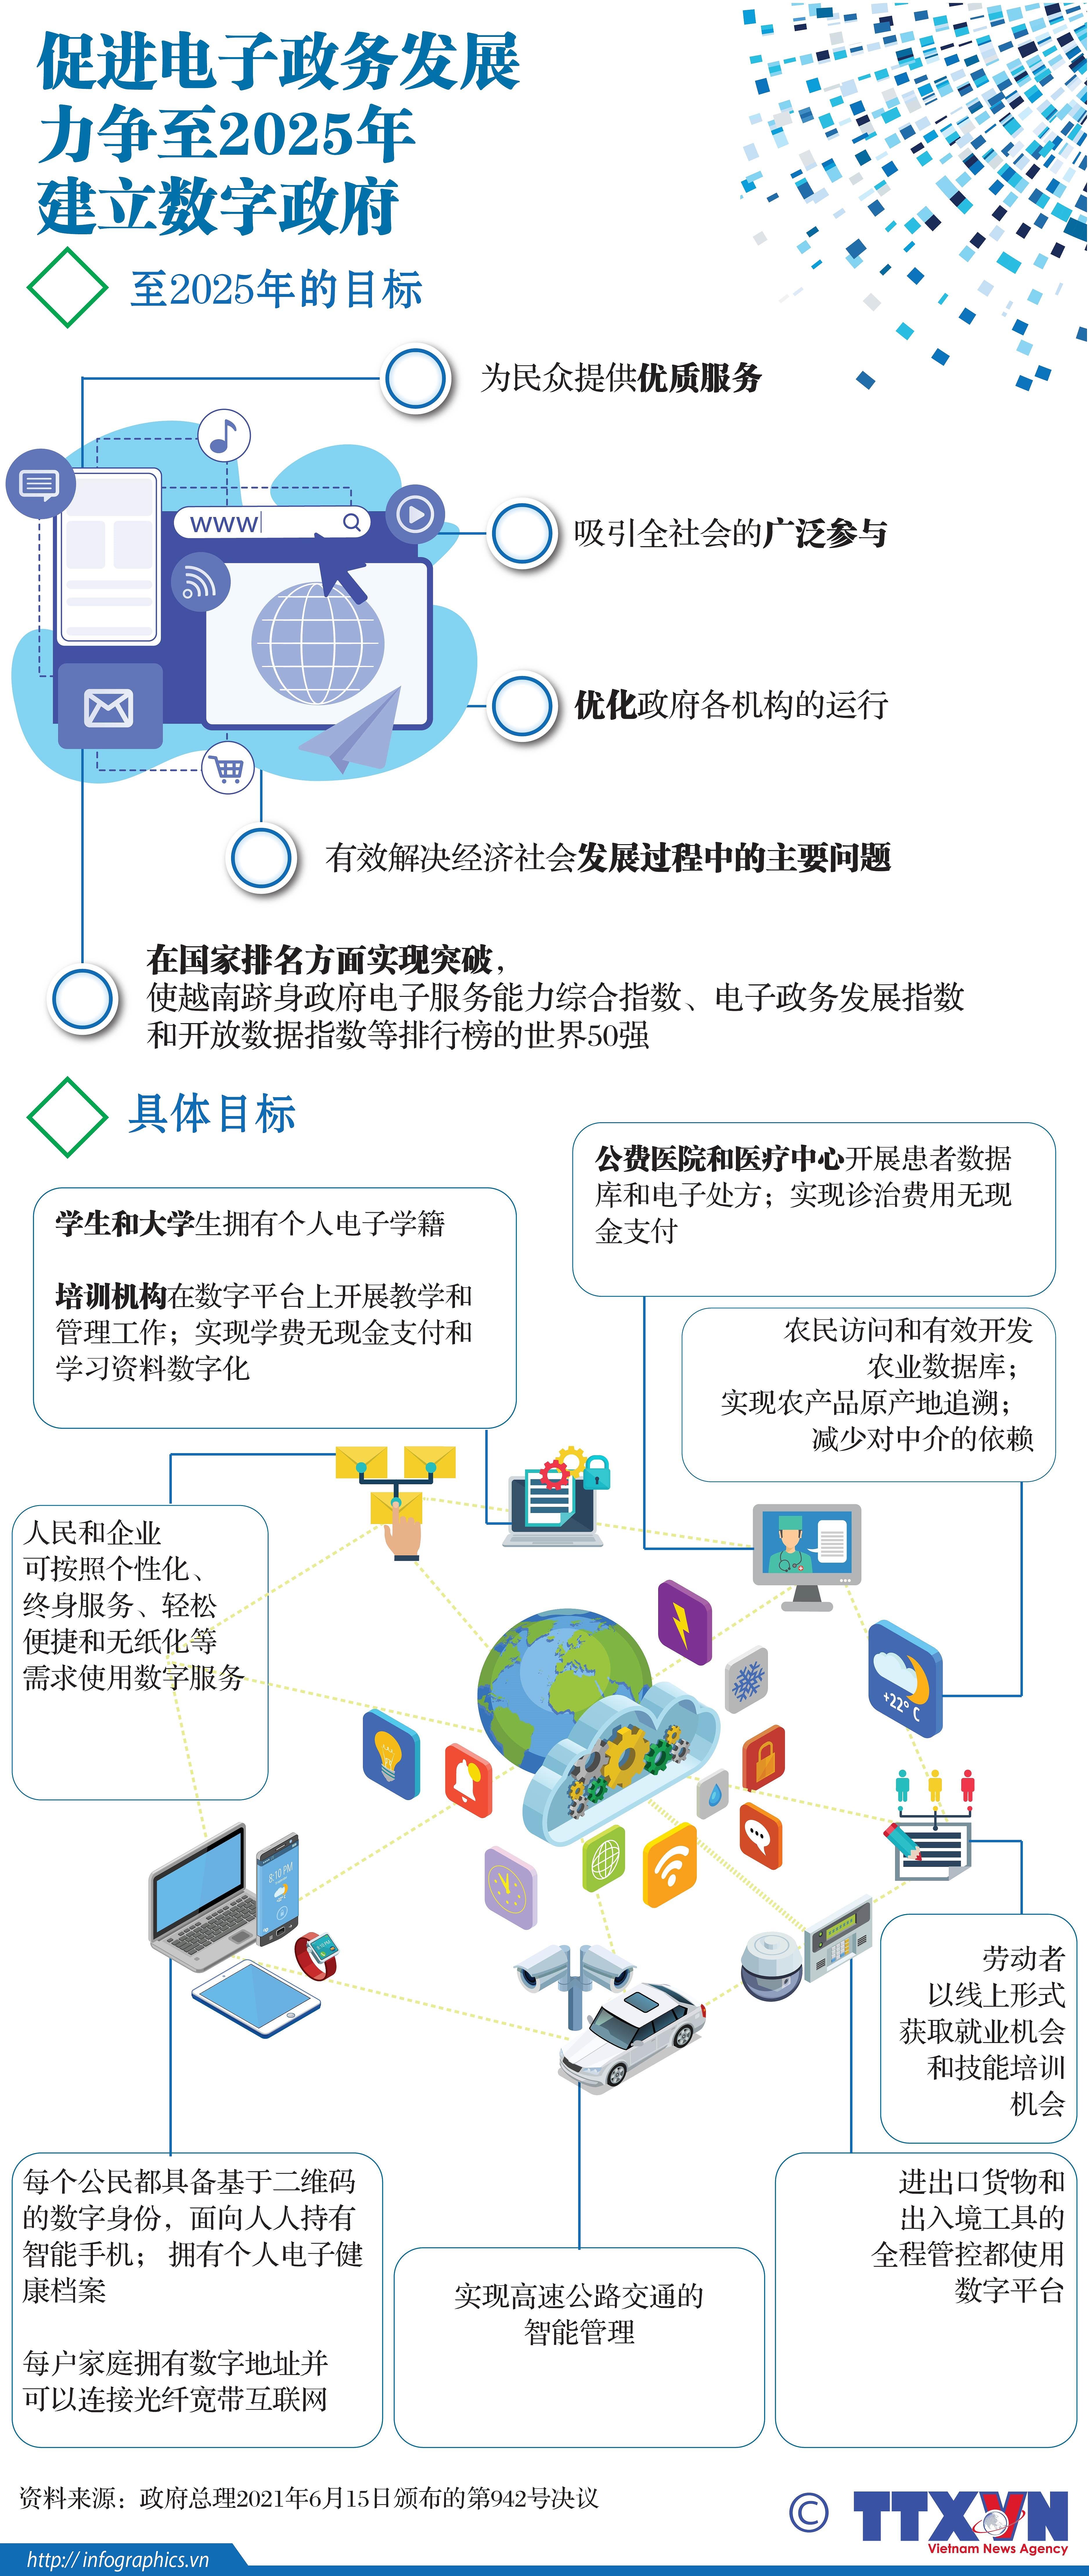 图表新闻:促进电子政务发展 力争至2025年建立数字政府 hinh anh 1